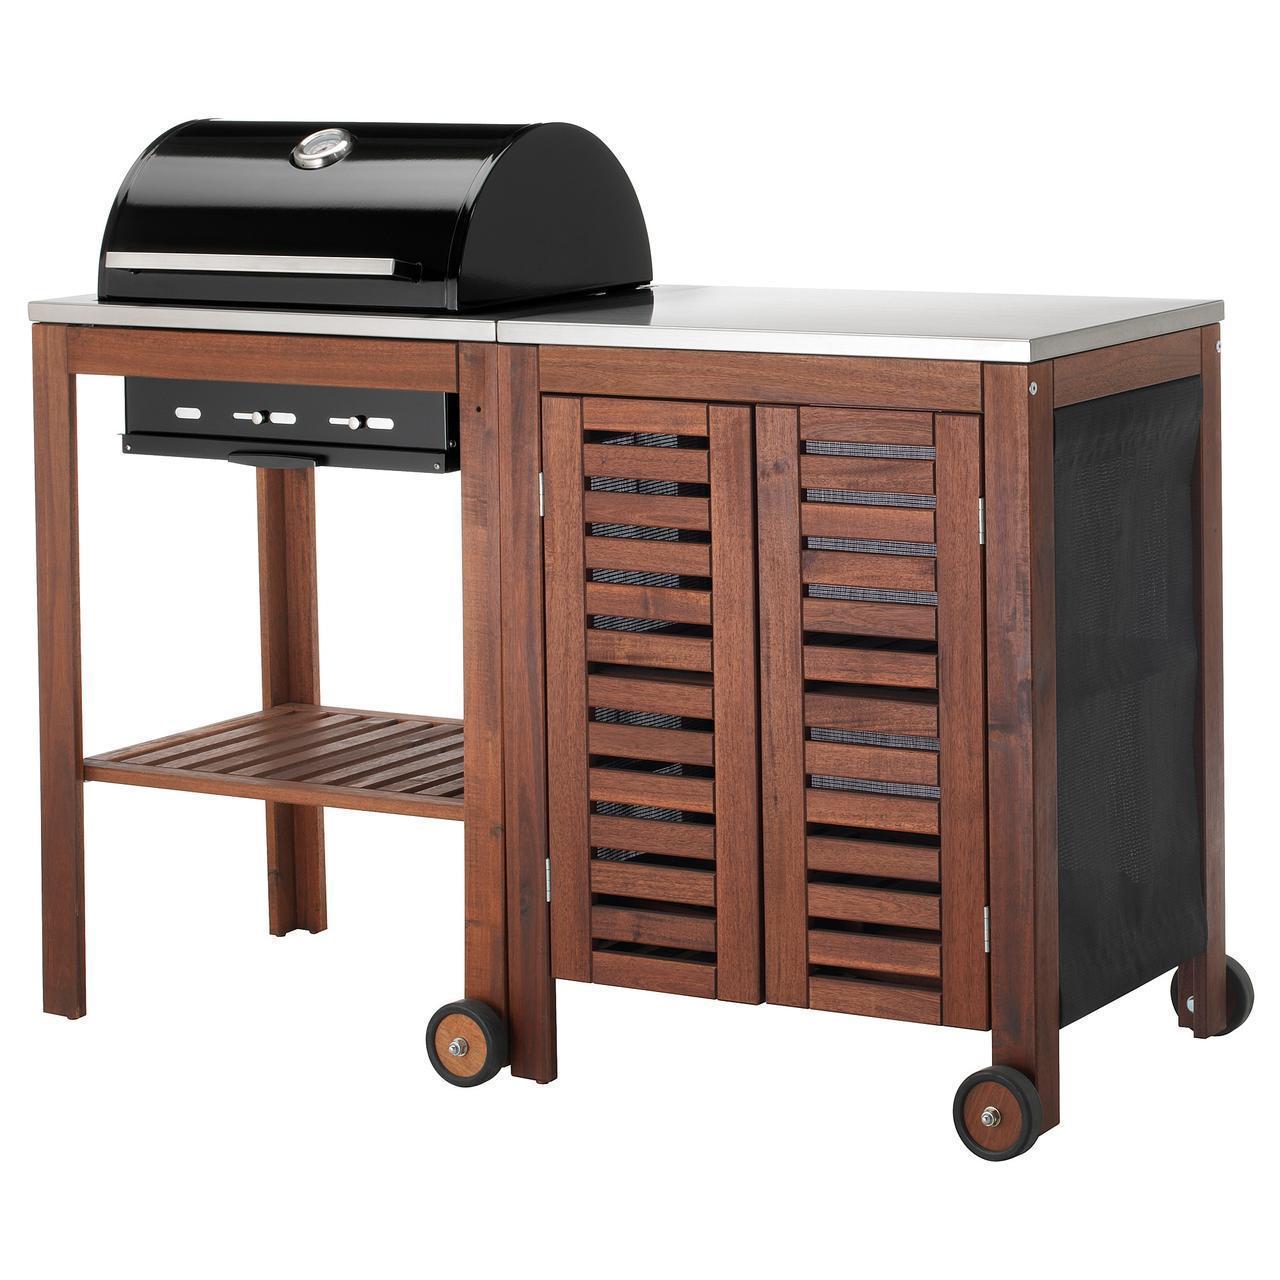 IKEA APPLARO/KLASEN Гриль с шкафом, коричневая Морилка, сталь  (292.819.38)